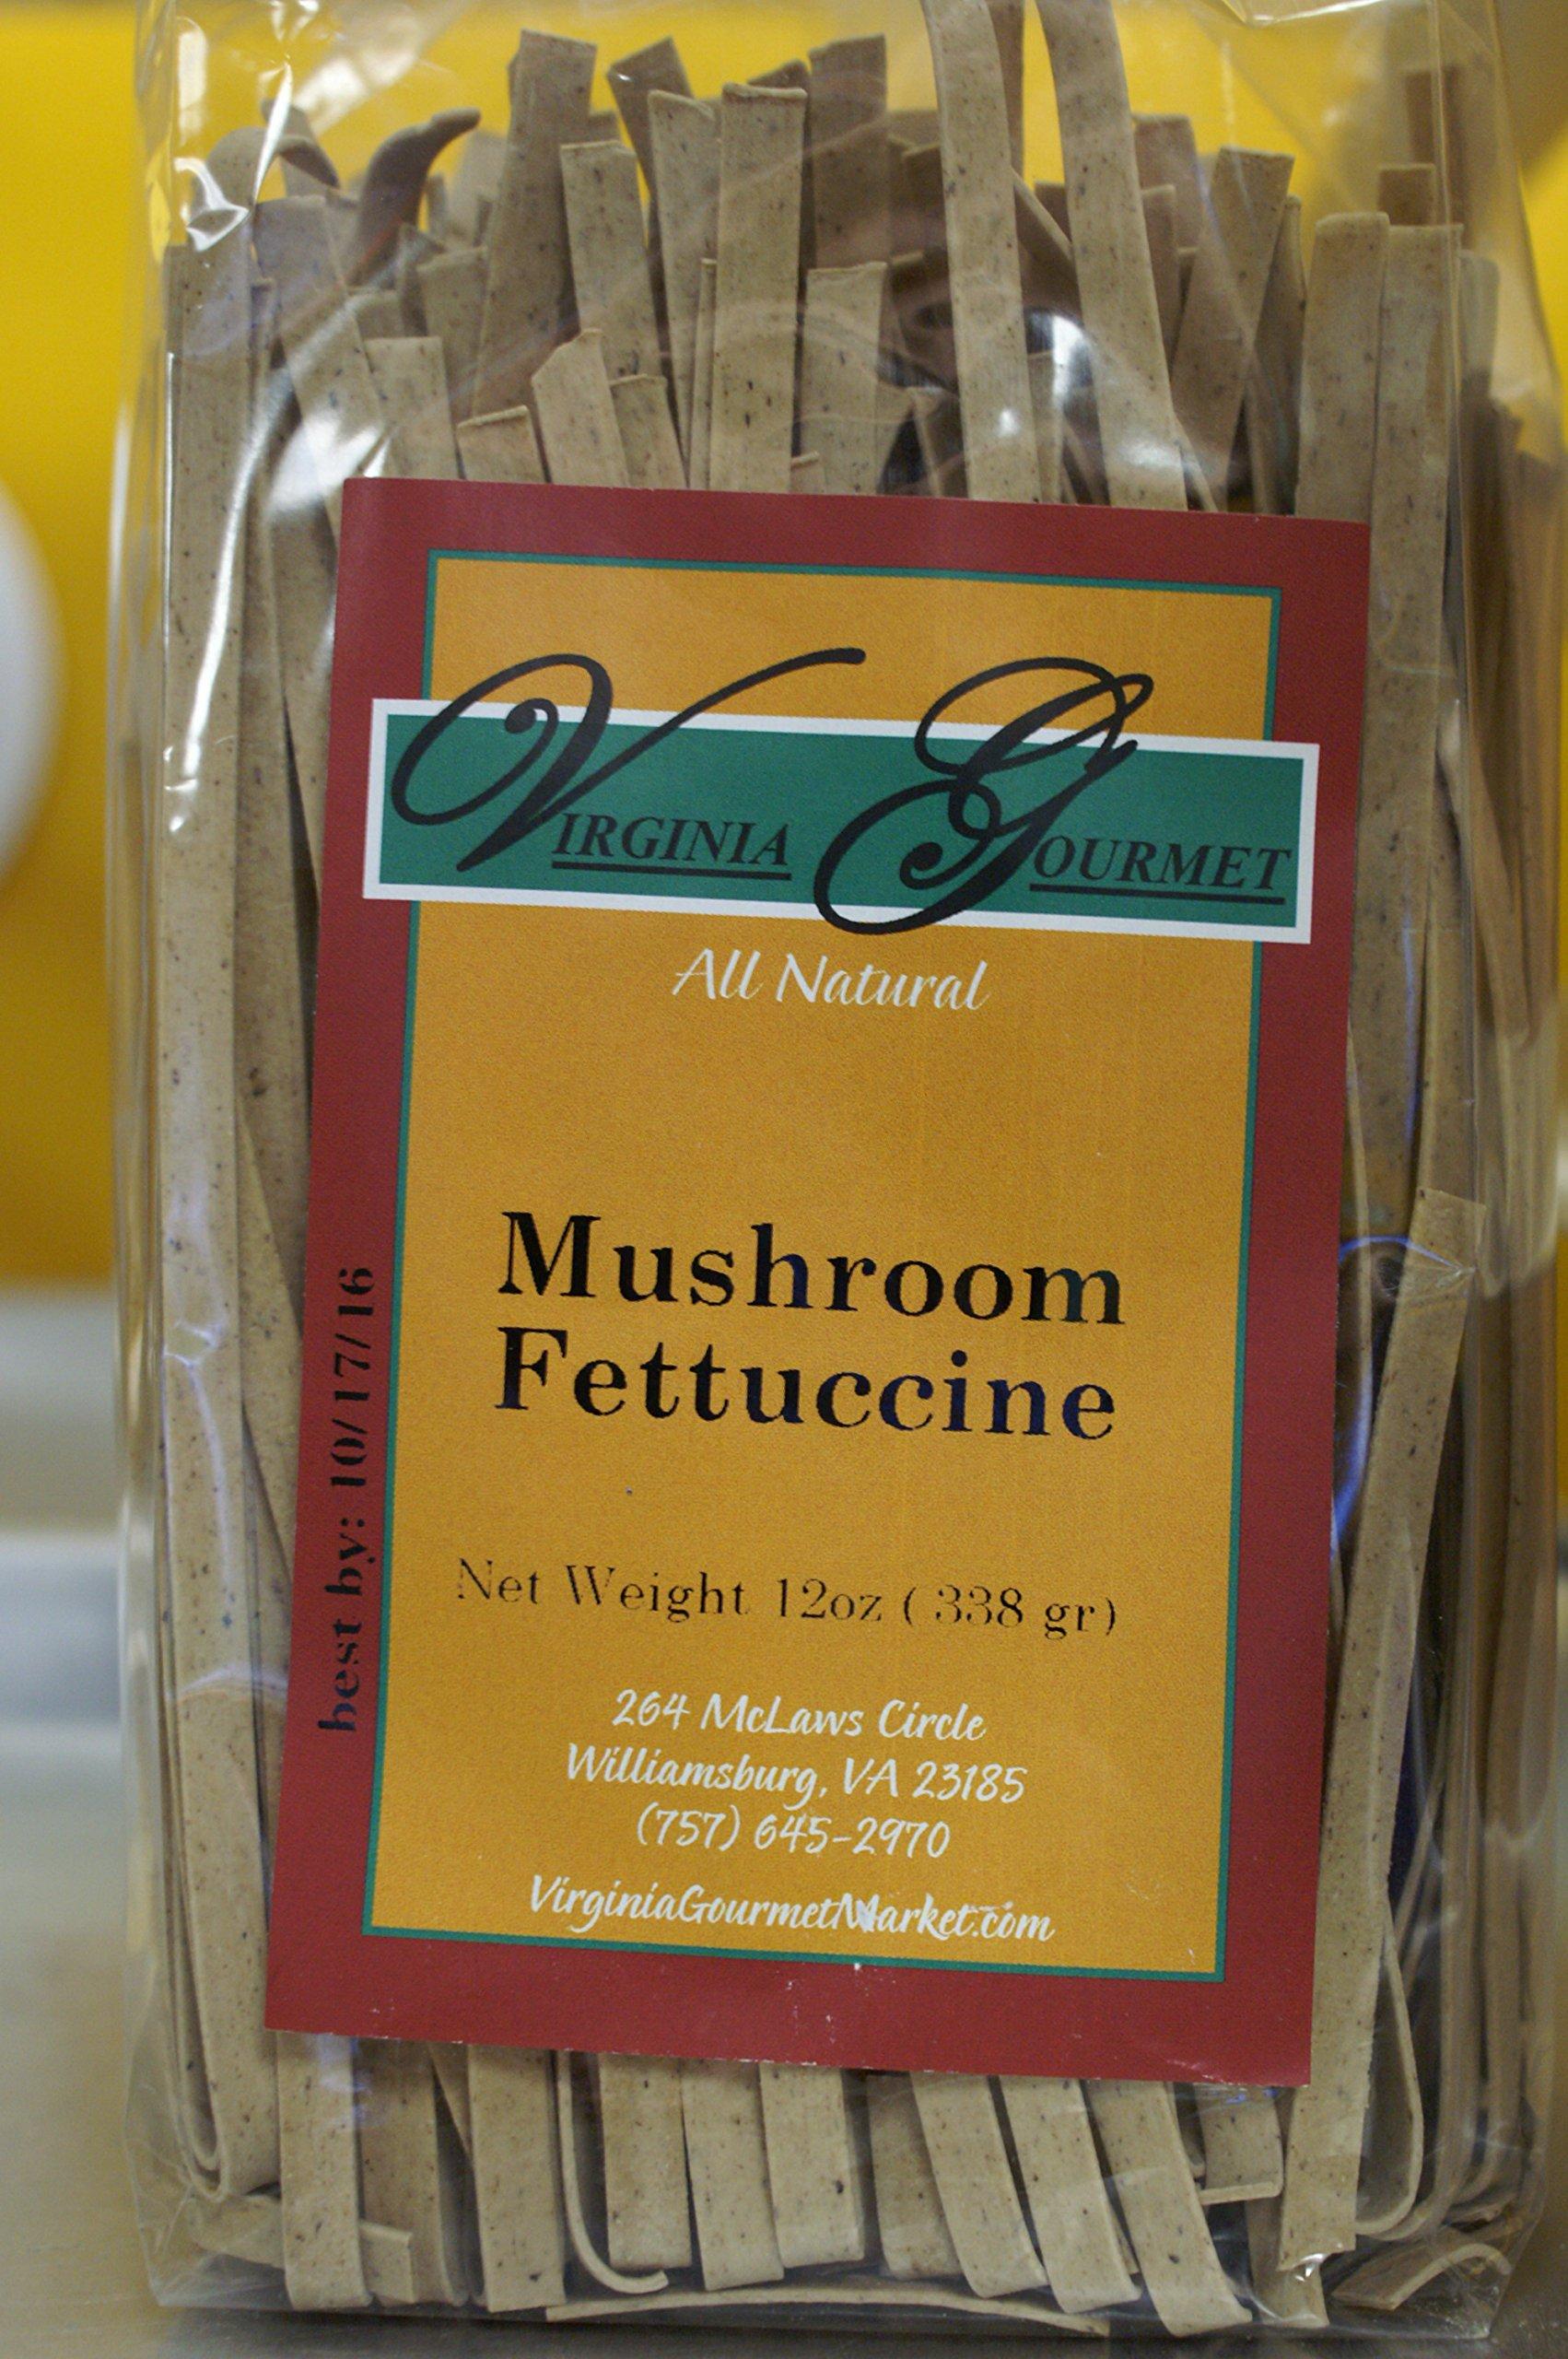 Mushroom Fettuccine Pasta - Virginia Gourmet All Natural Vegan Fresh Handmade Al Dente Pasta 6 Pack